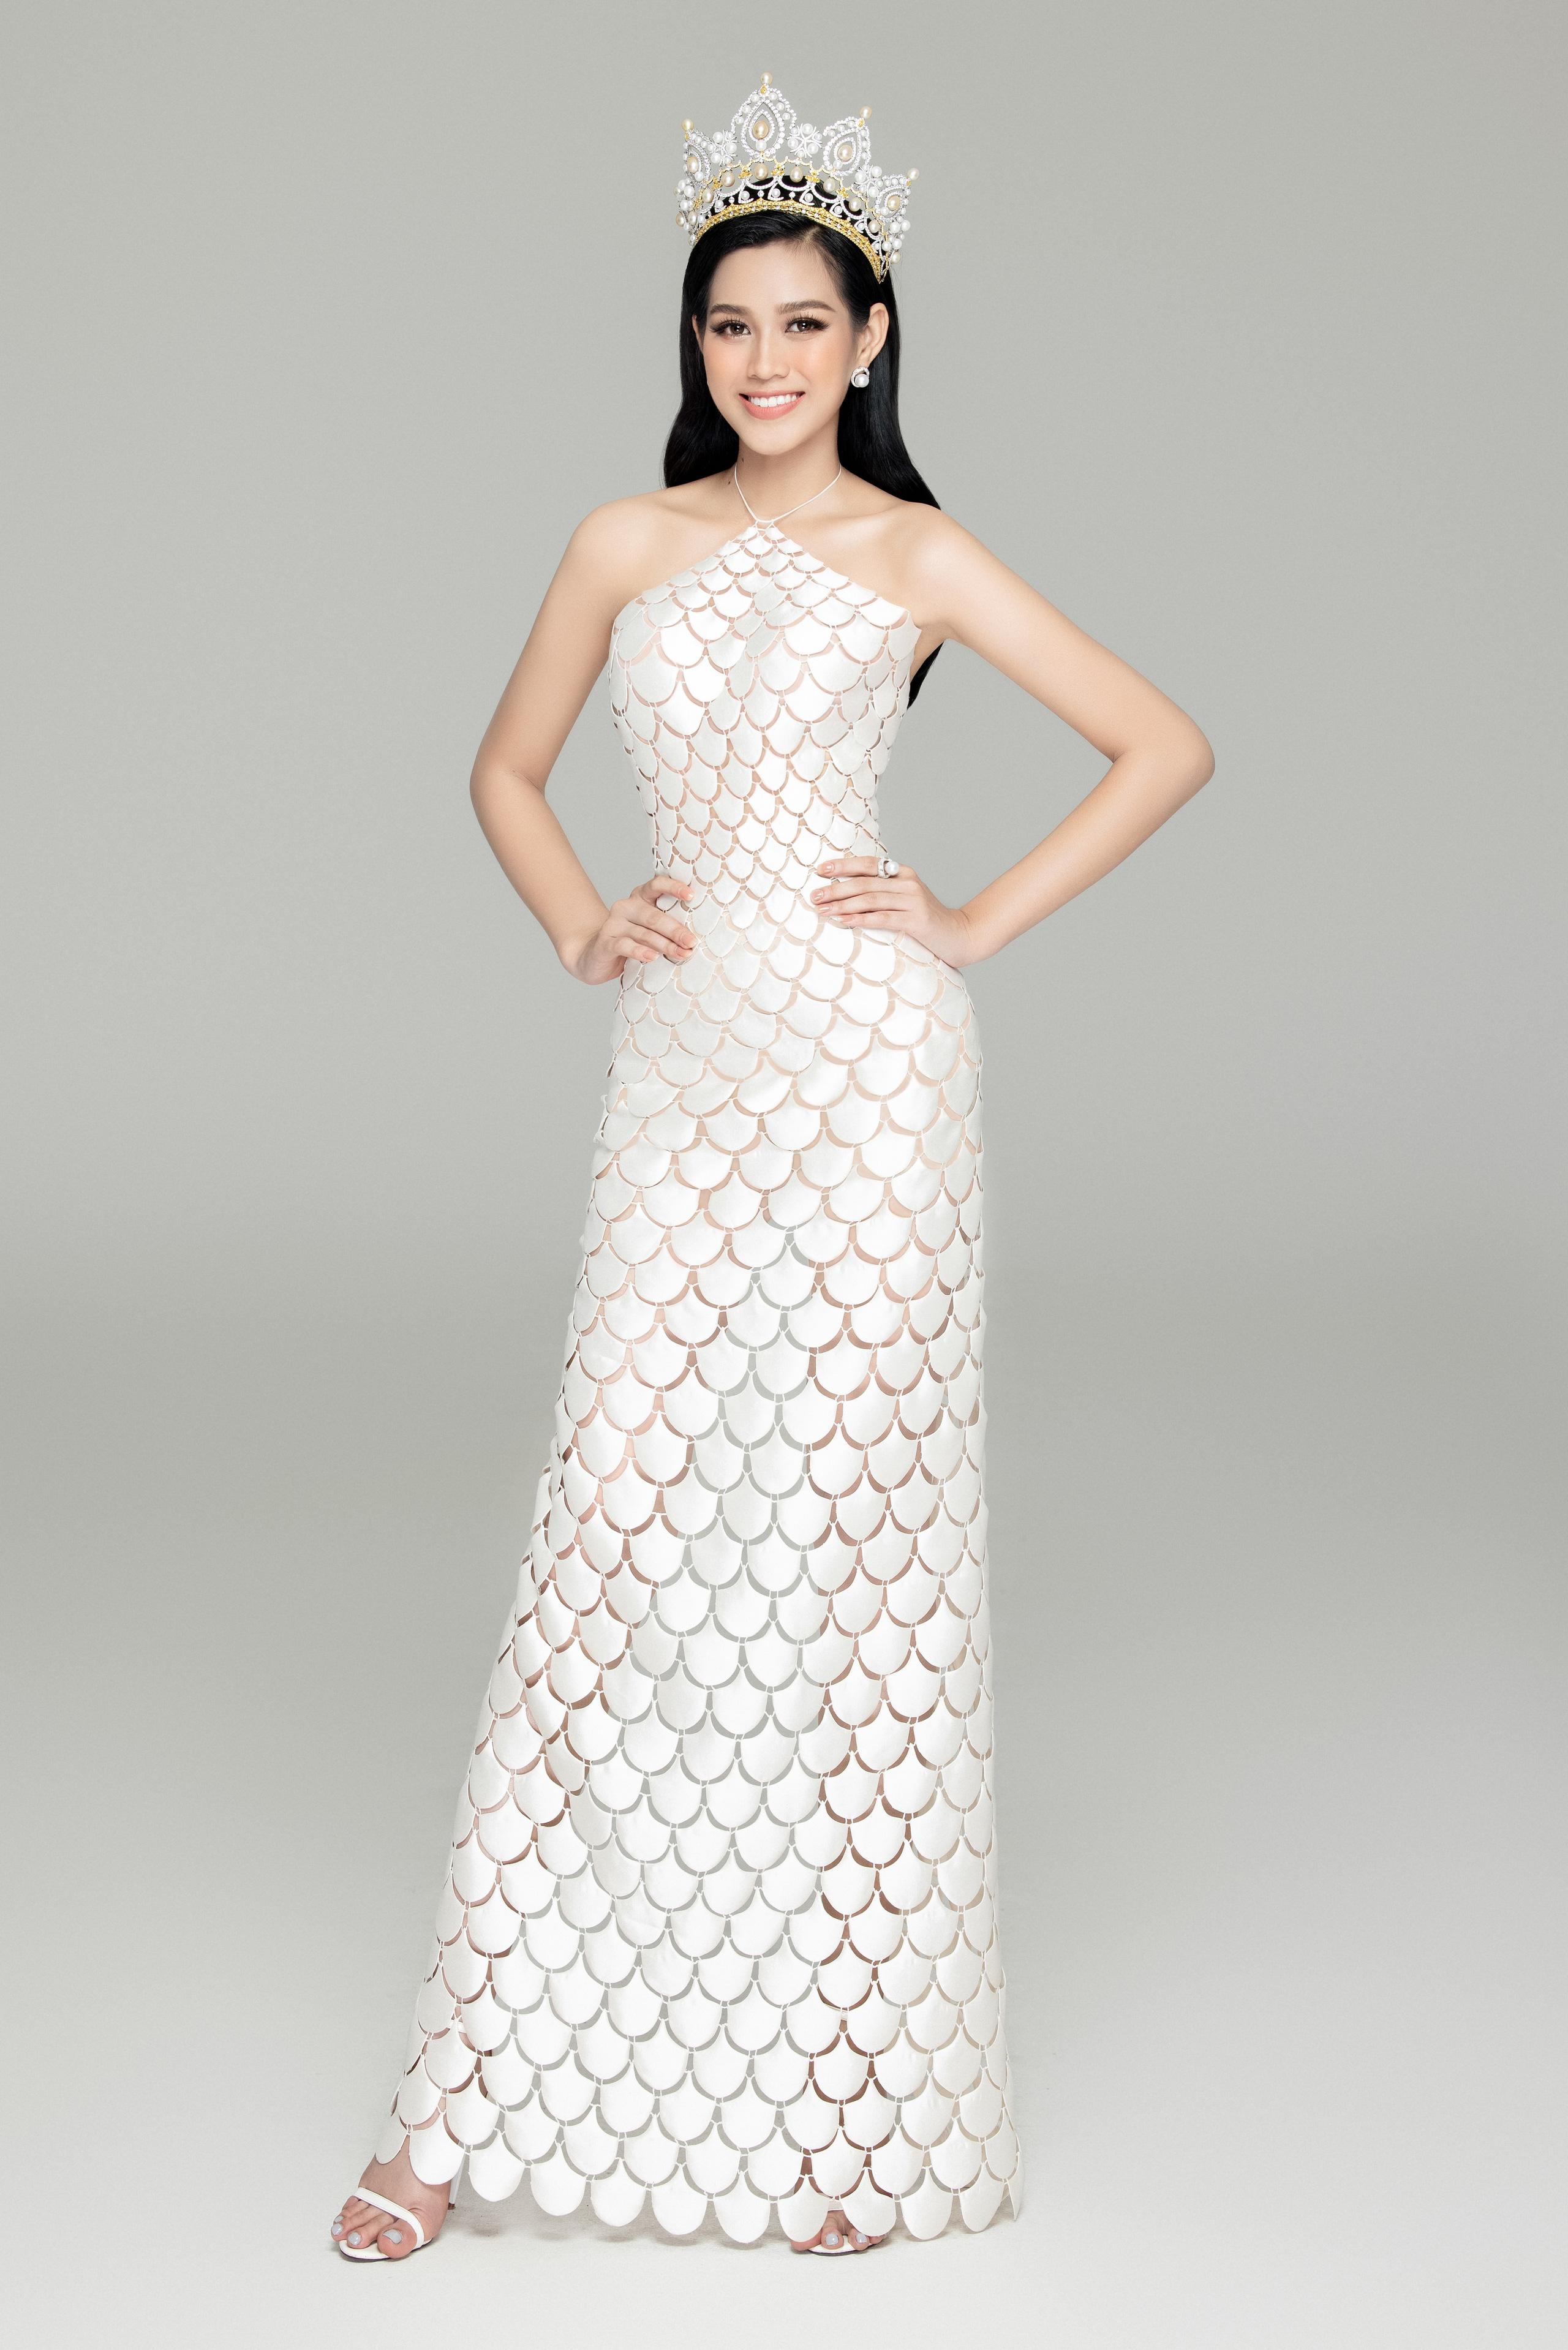 Soi nhan sắc Hoa hậu Đỗ Thị Hà và 2 Á hậu sau một tháng đăng quang - Ảnh 8.